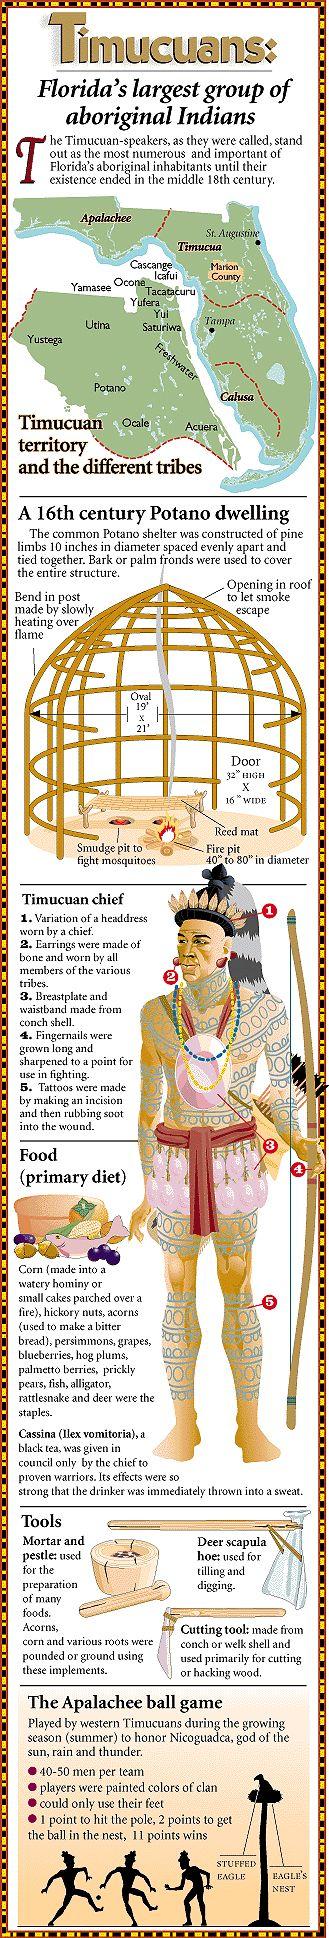 Timucua Indians